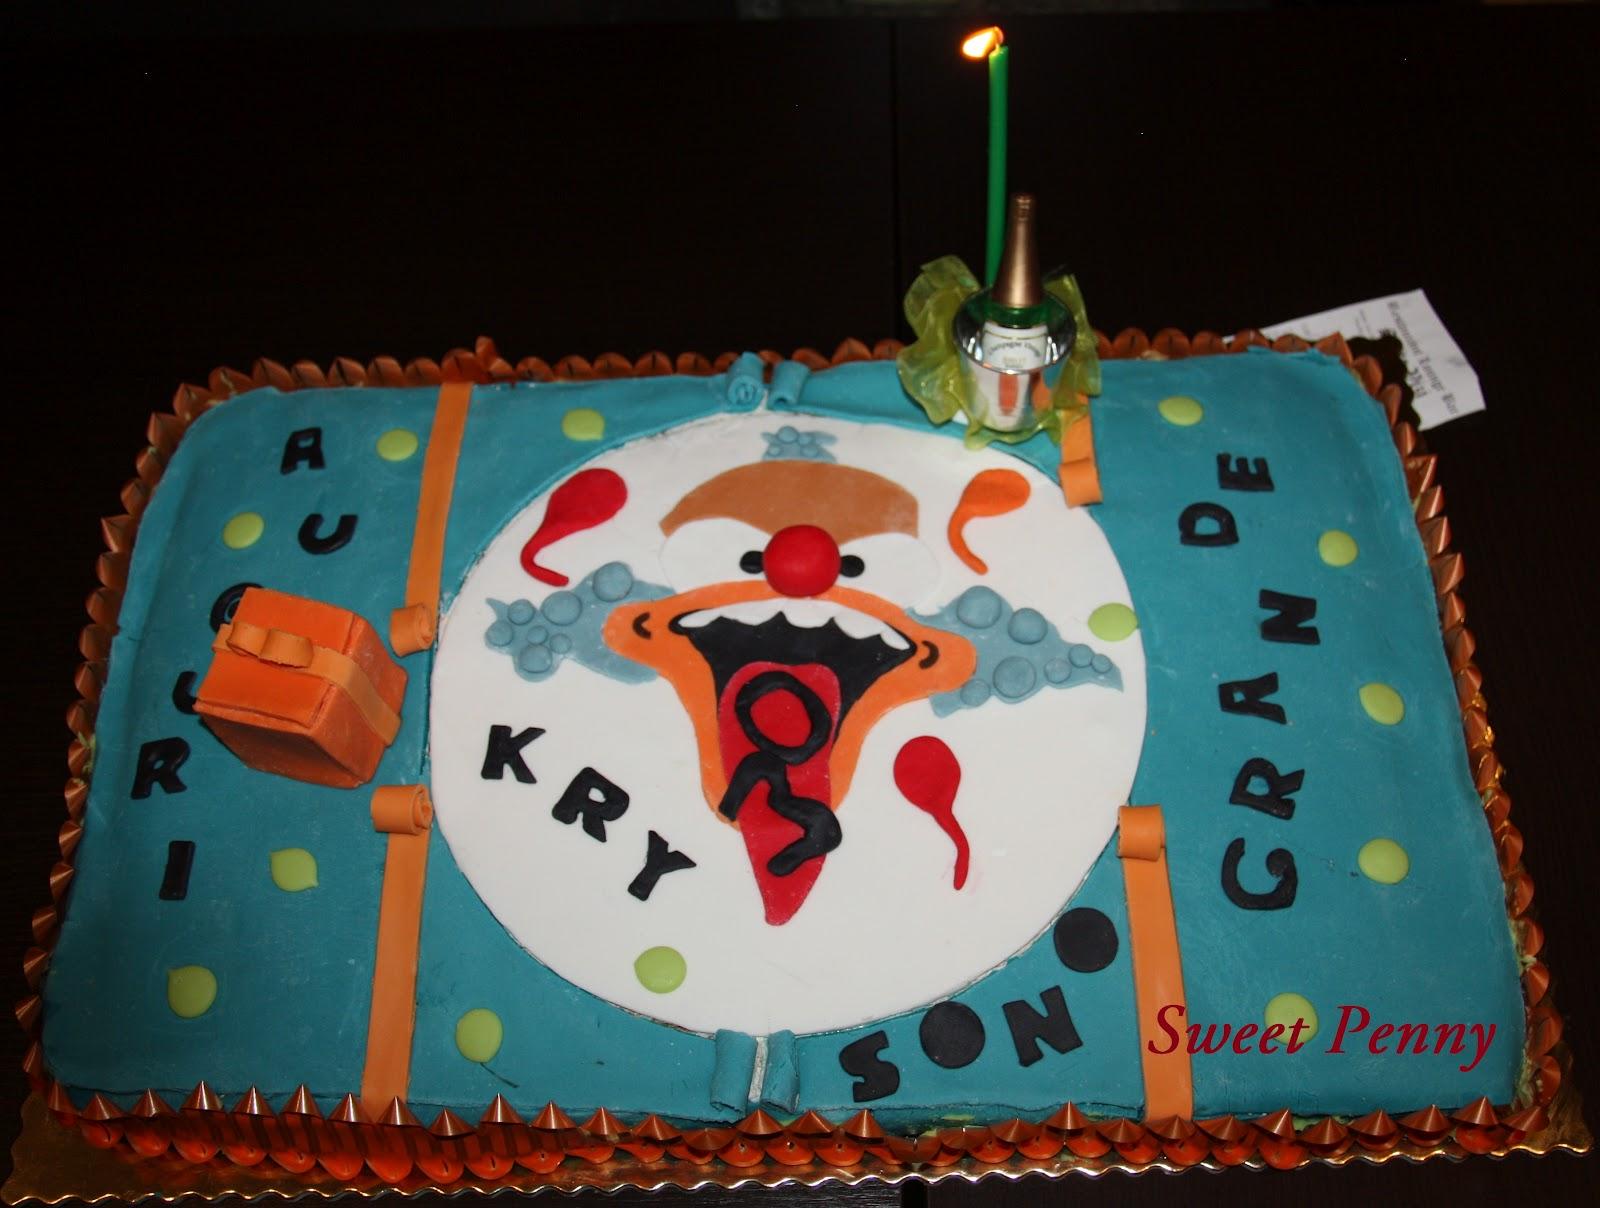 Cucinare con sweetpenny in allegria torta krasty il clown for Cucinare anni 50